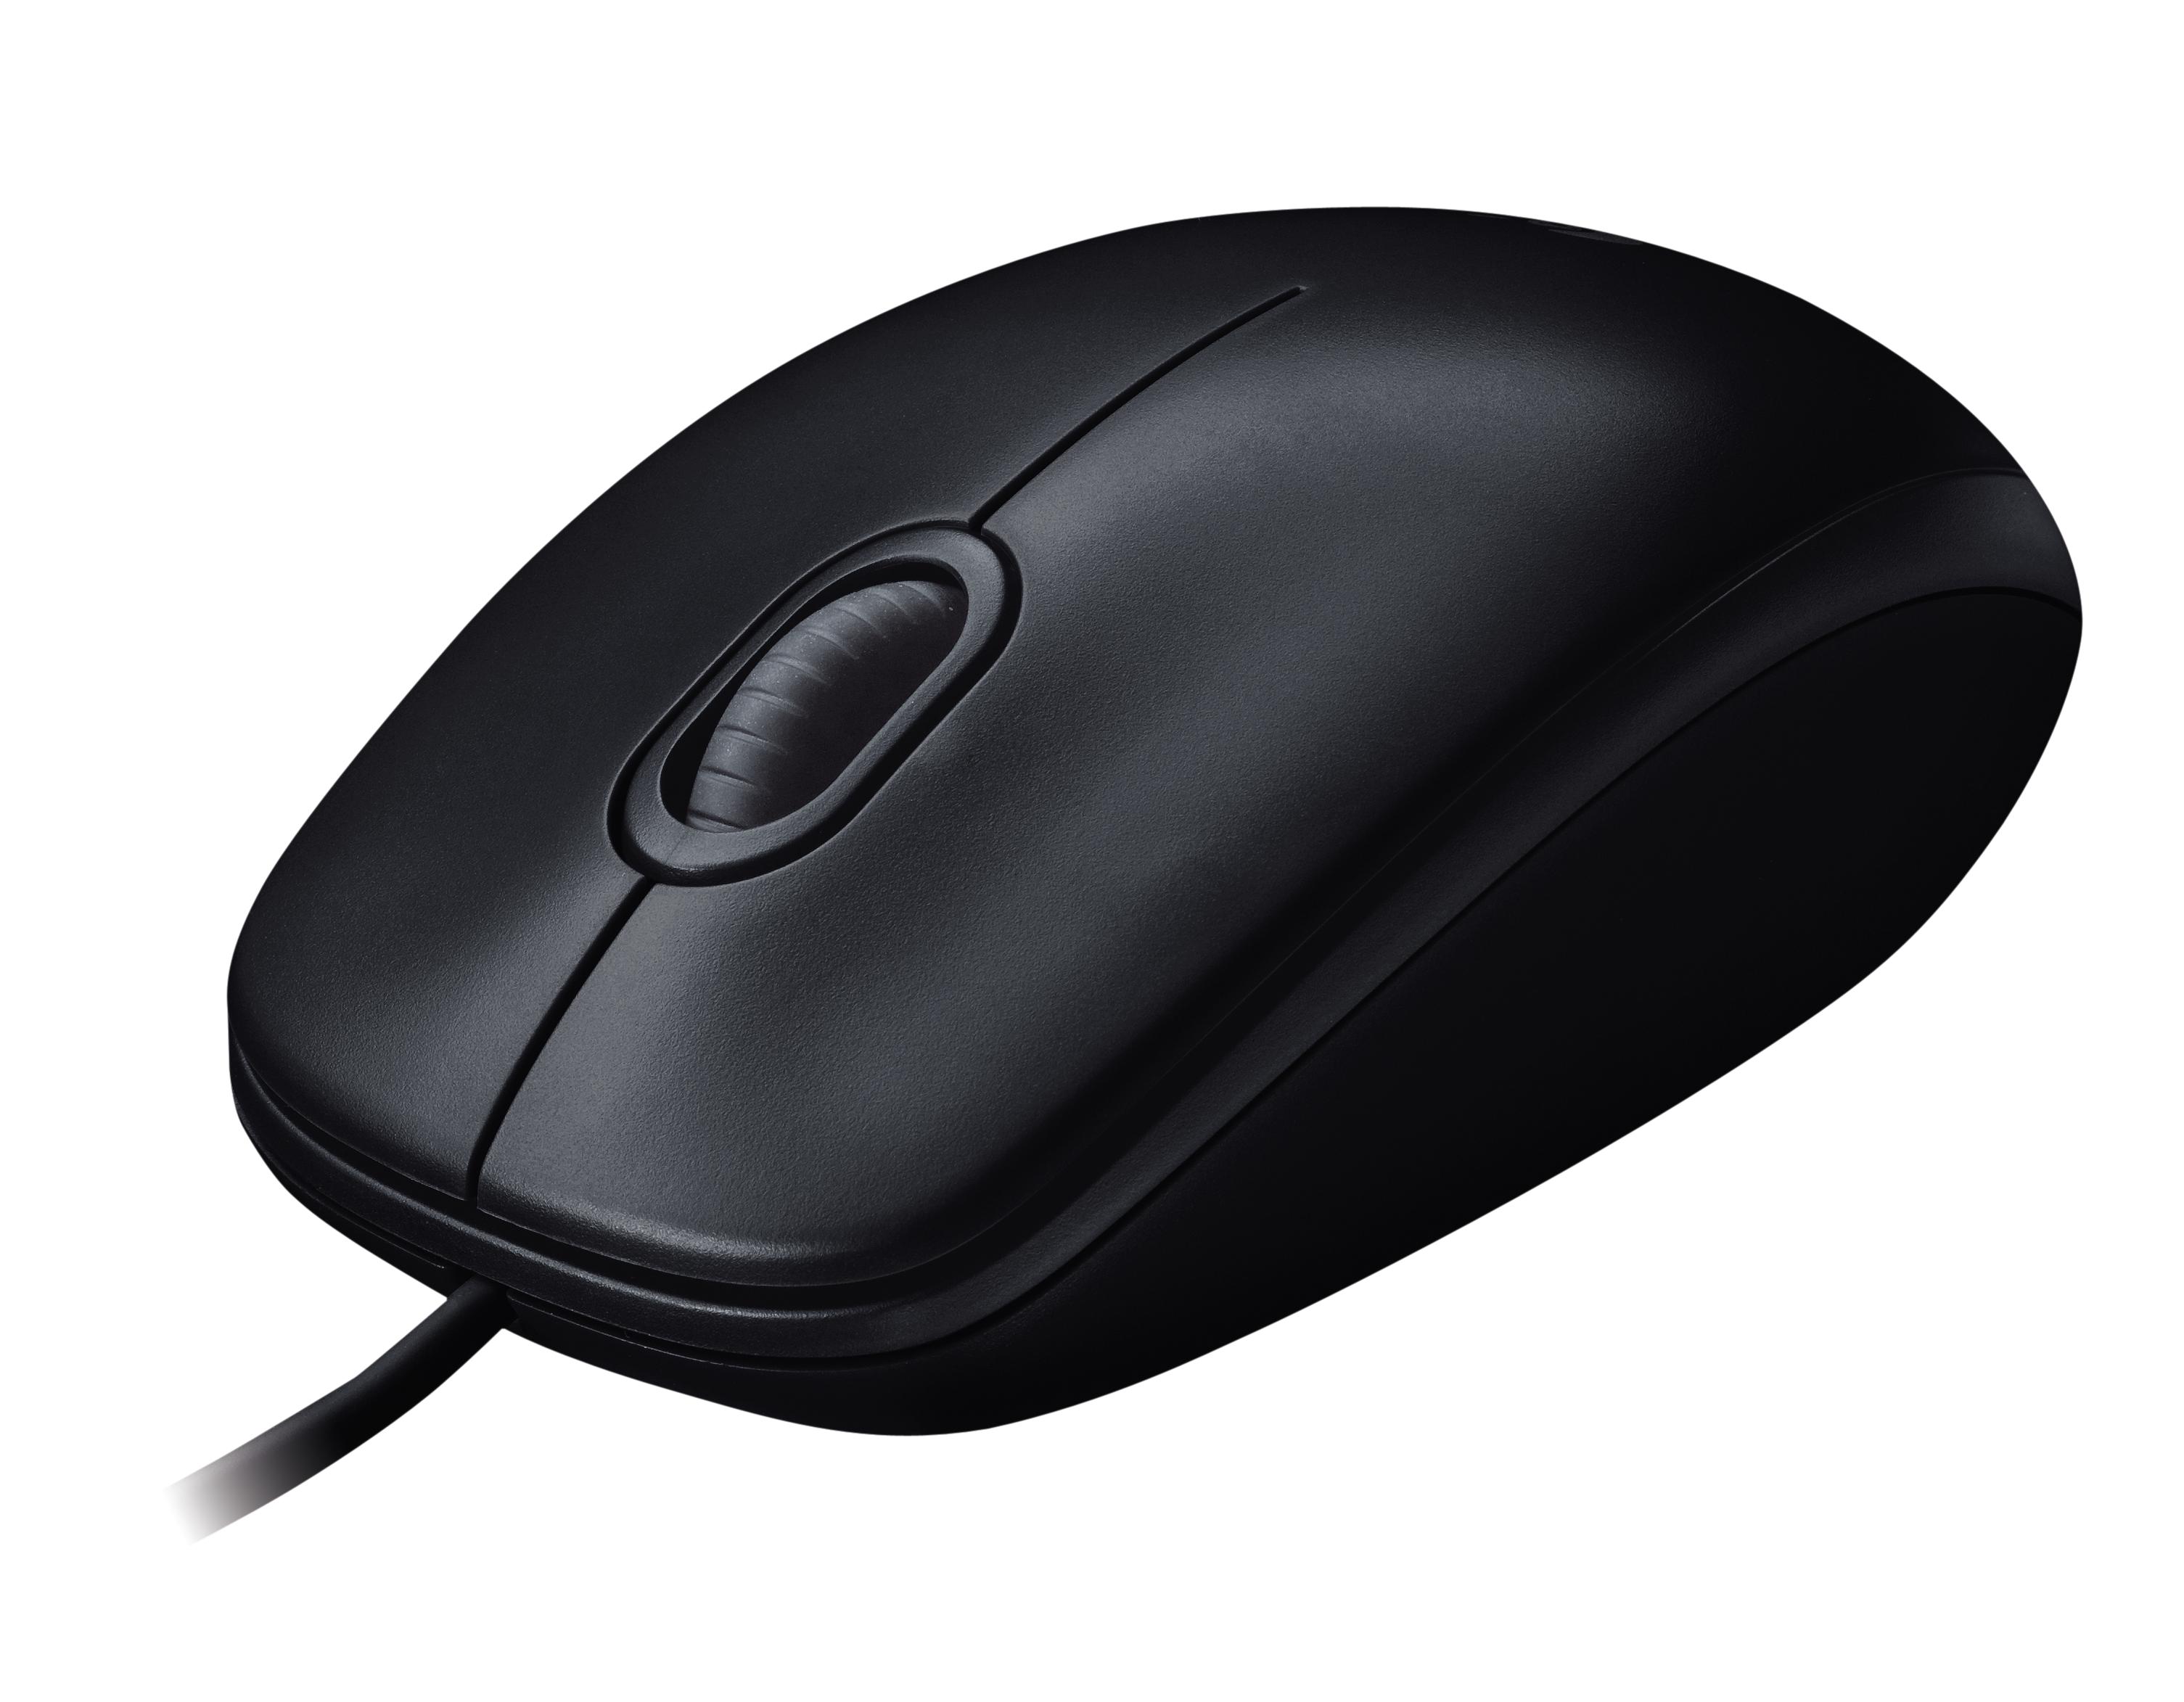 Logitech Optical Mouse M90